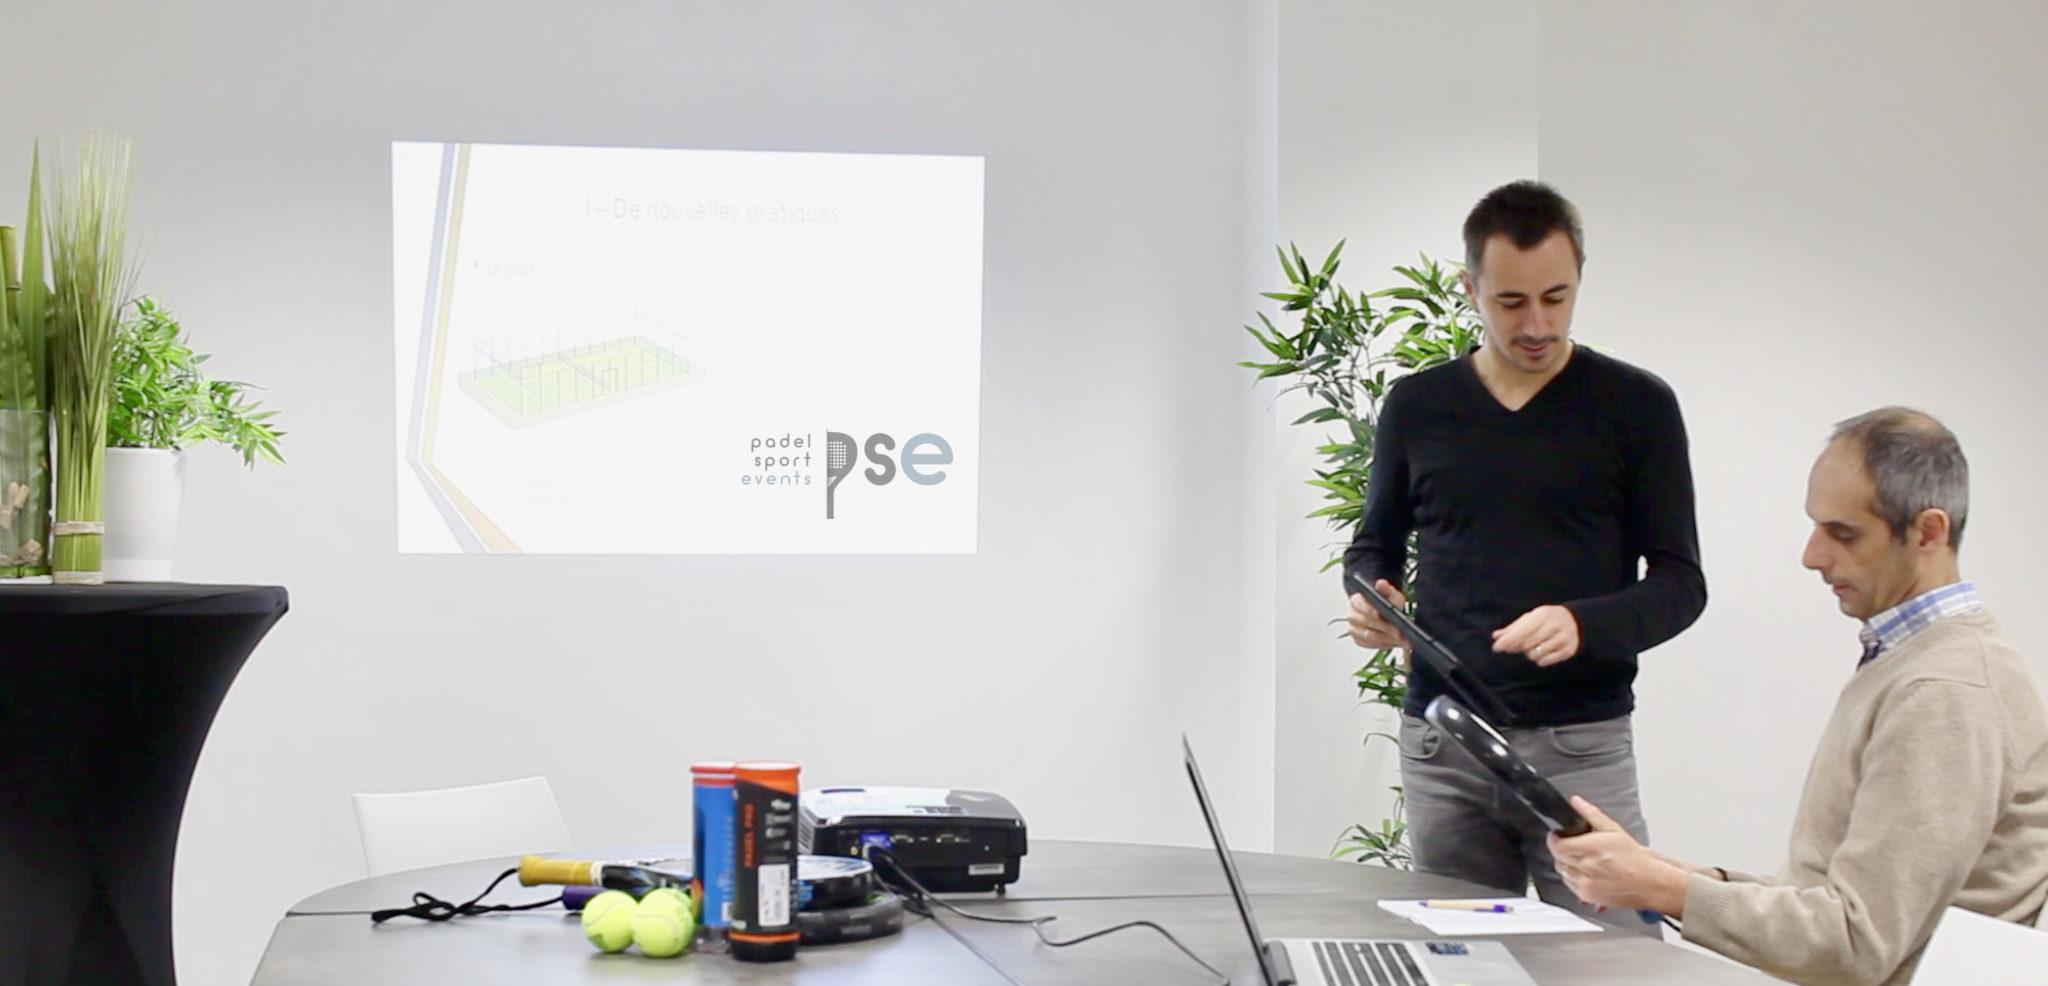 """PSE : l'agence qui accompagne les clubs de tennis dans leur projet """"padel"""""""